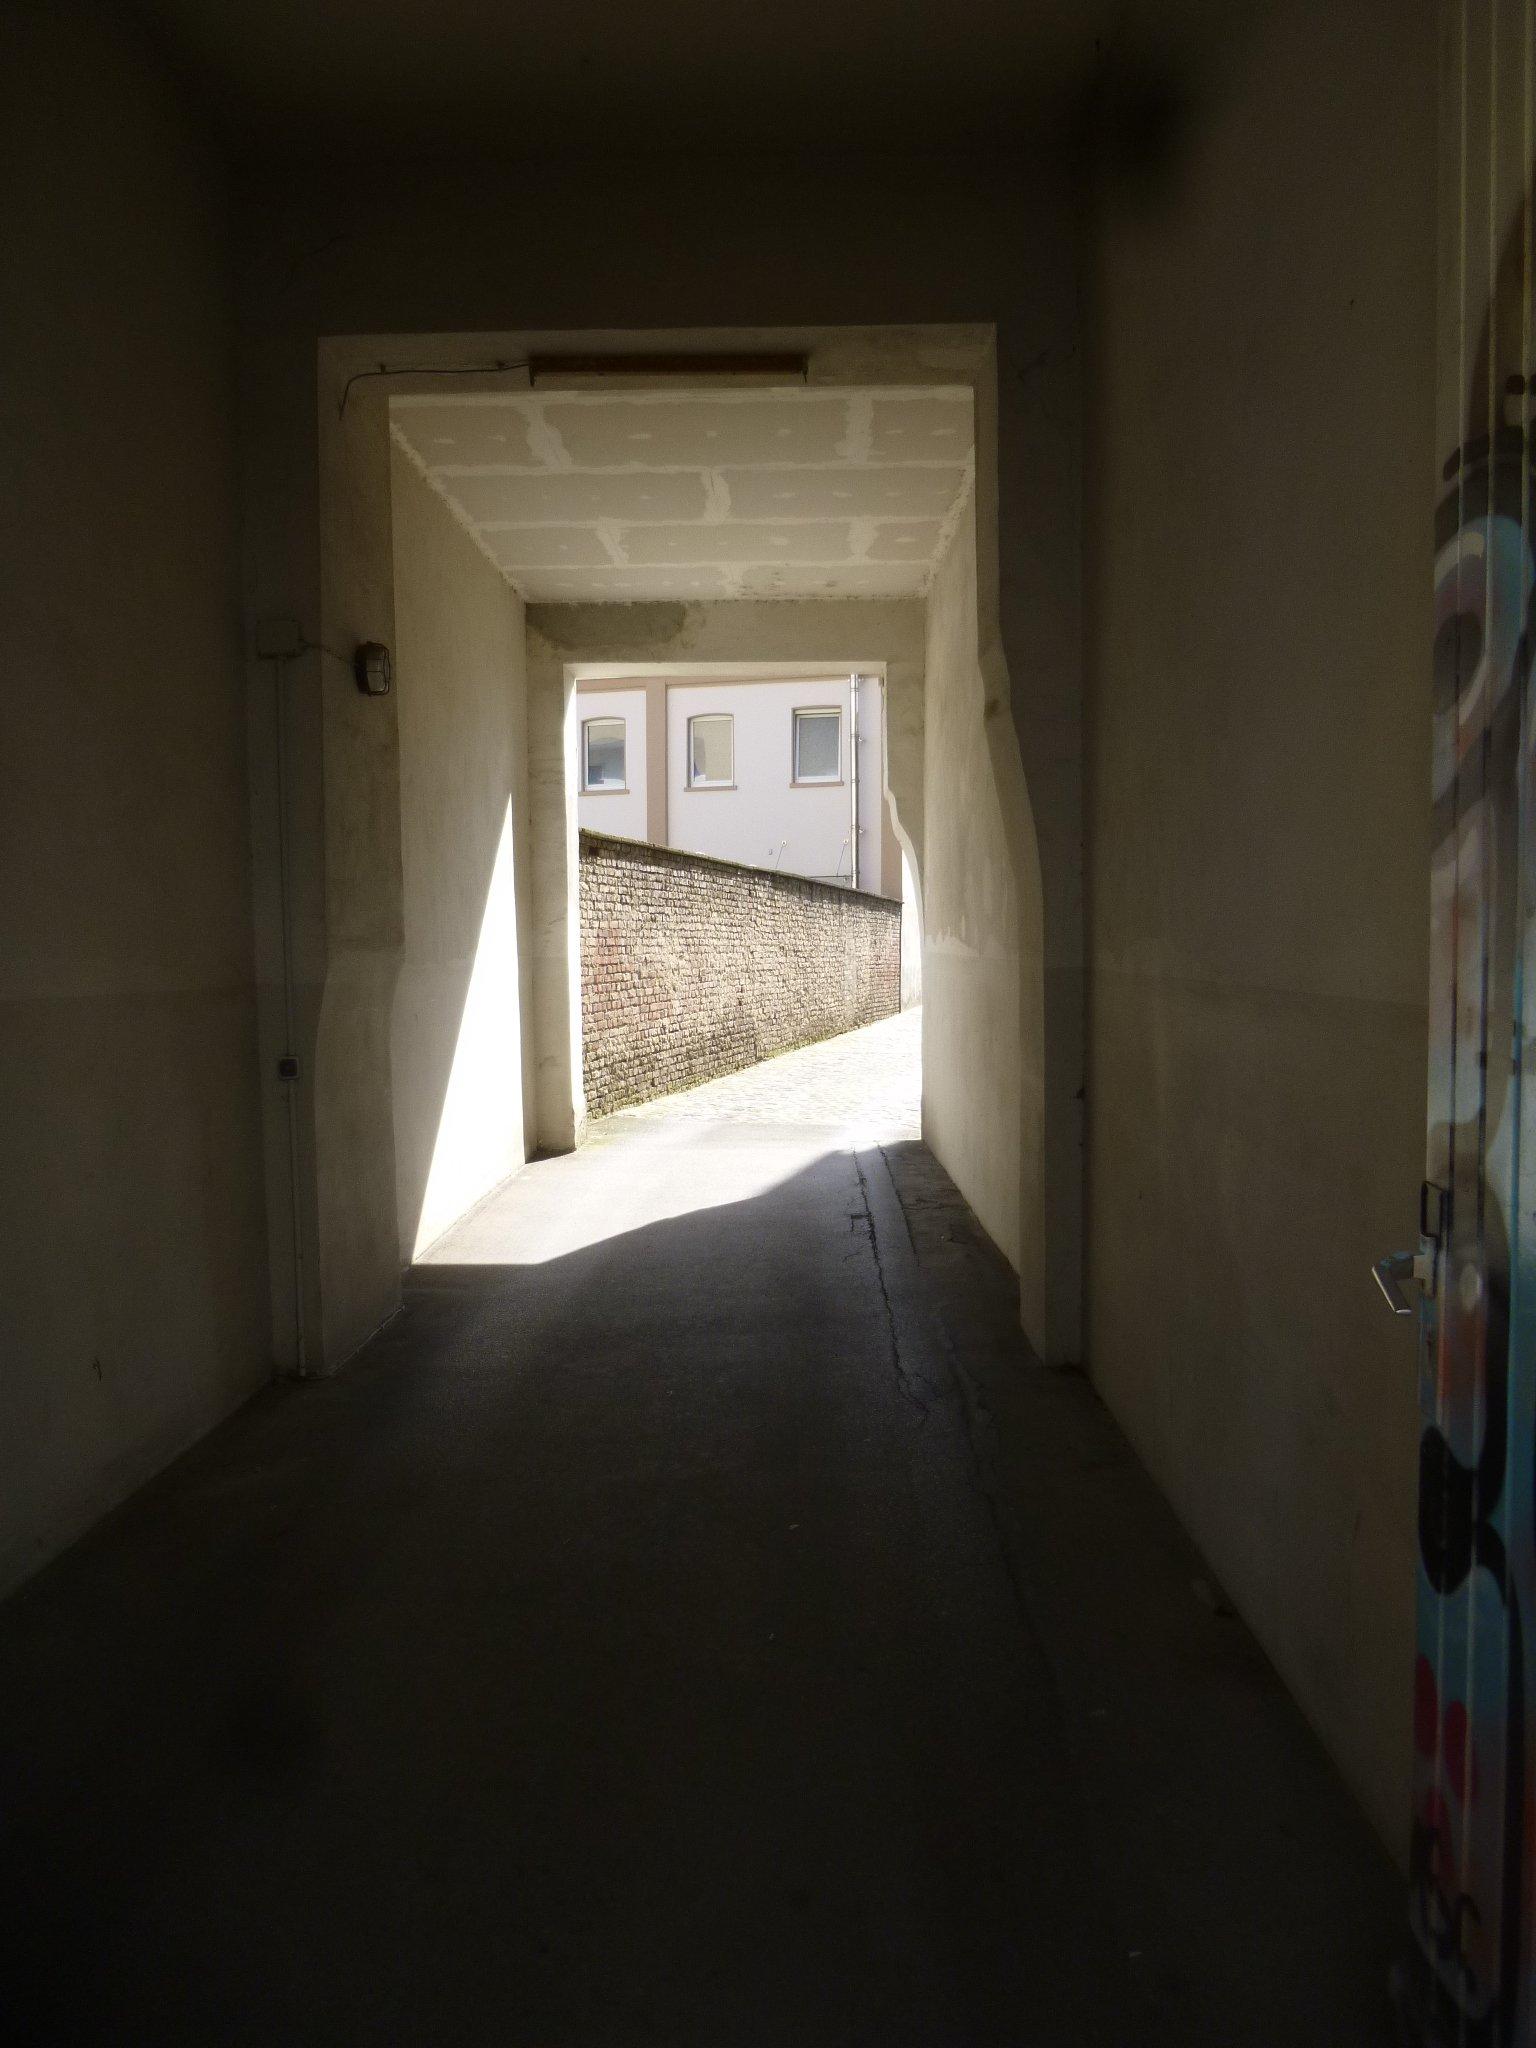 Licht am Ende der Durchfahrt